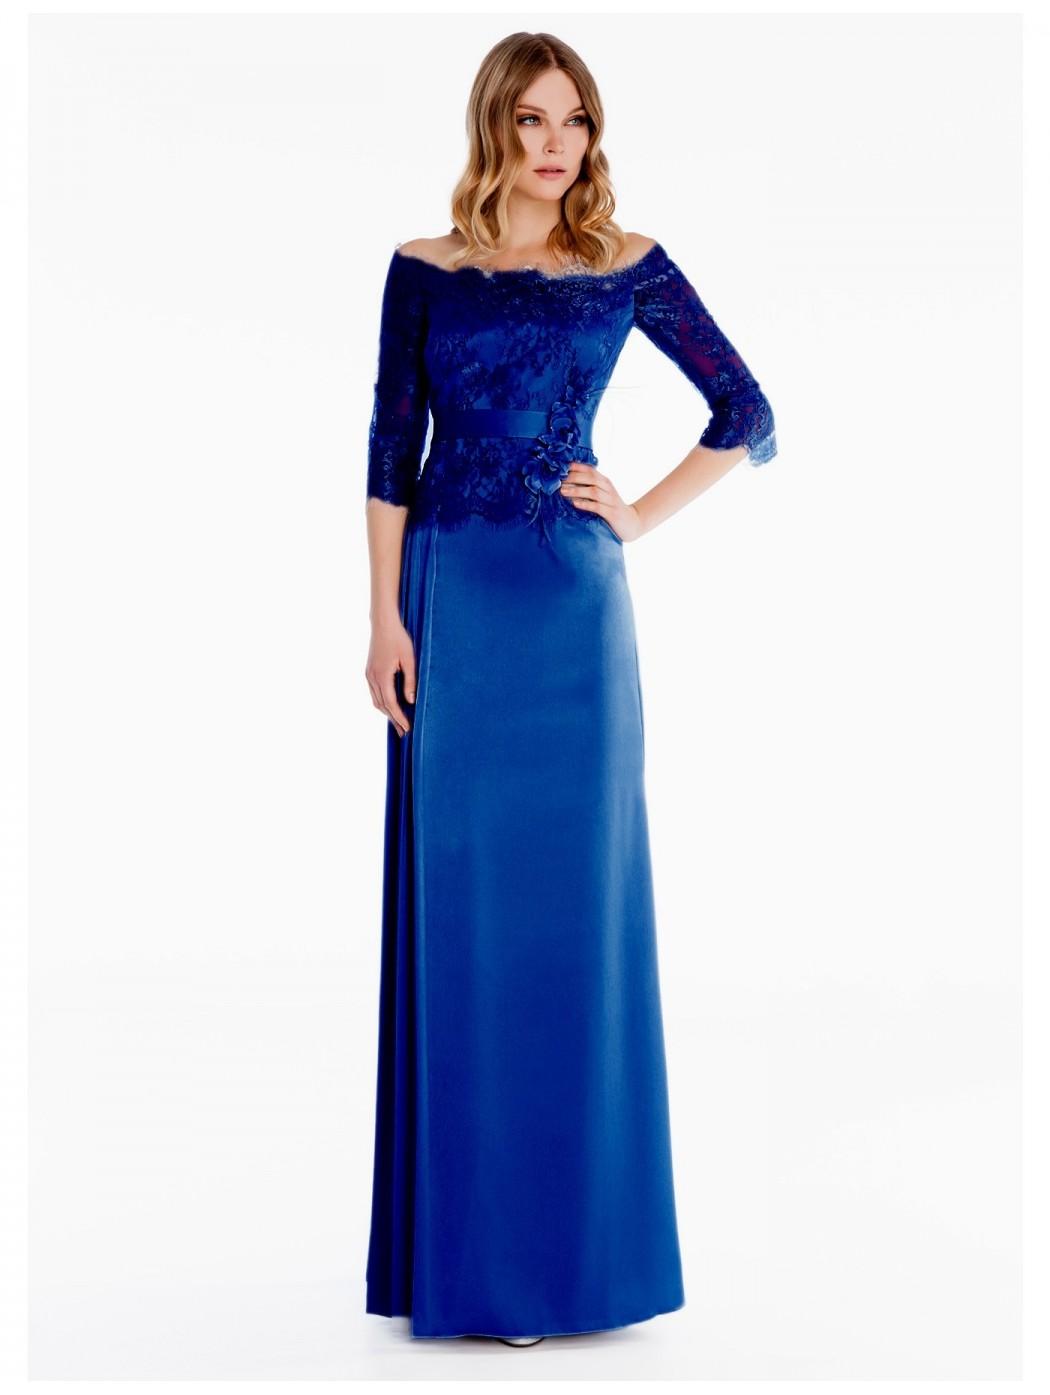 e83731904c85 Shop online formal dresses - Rosapiuma On-Line Boutique